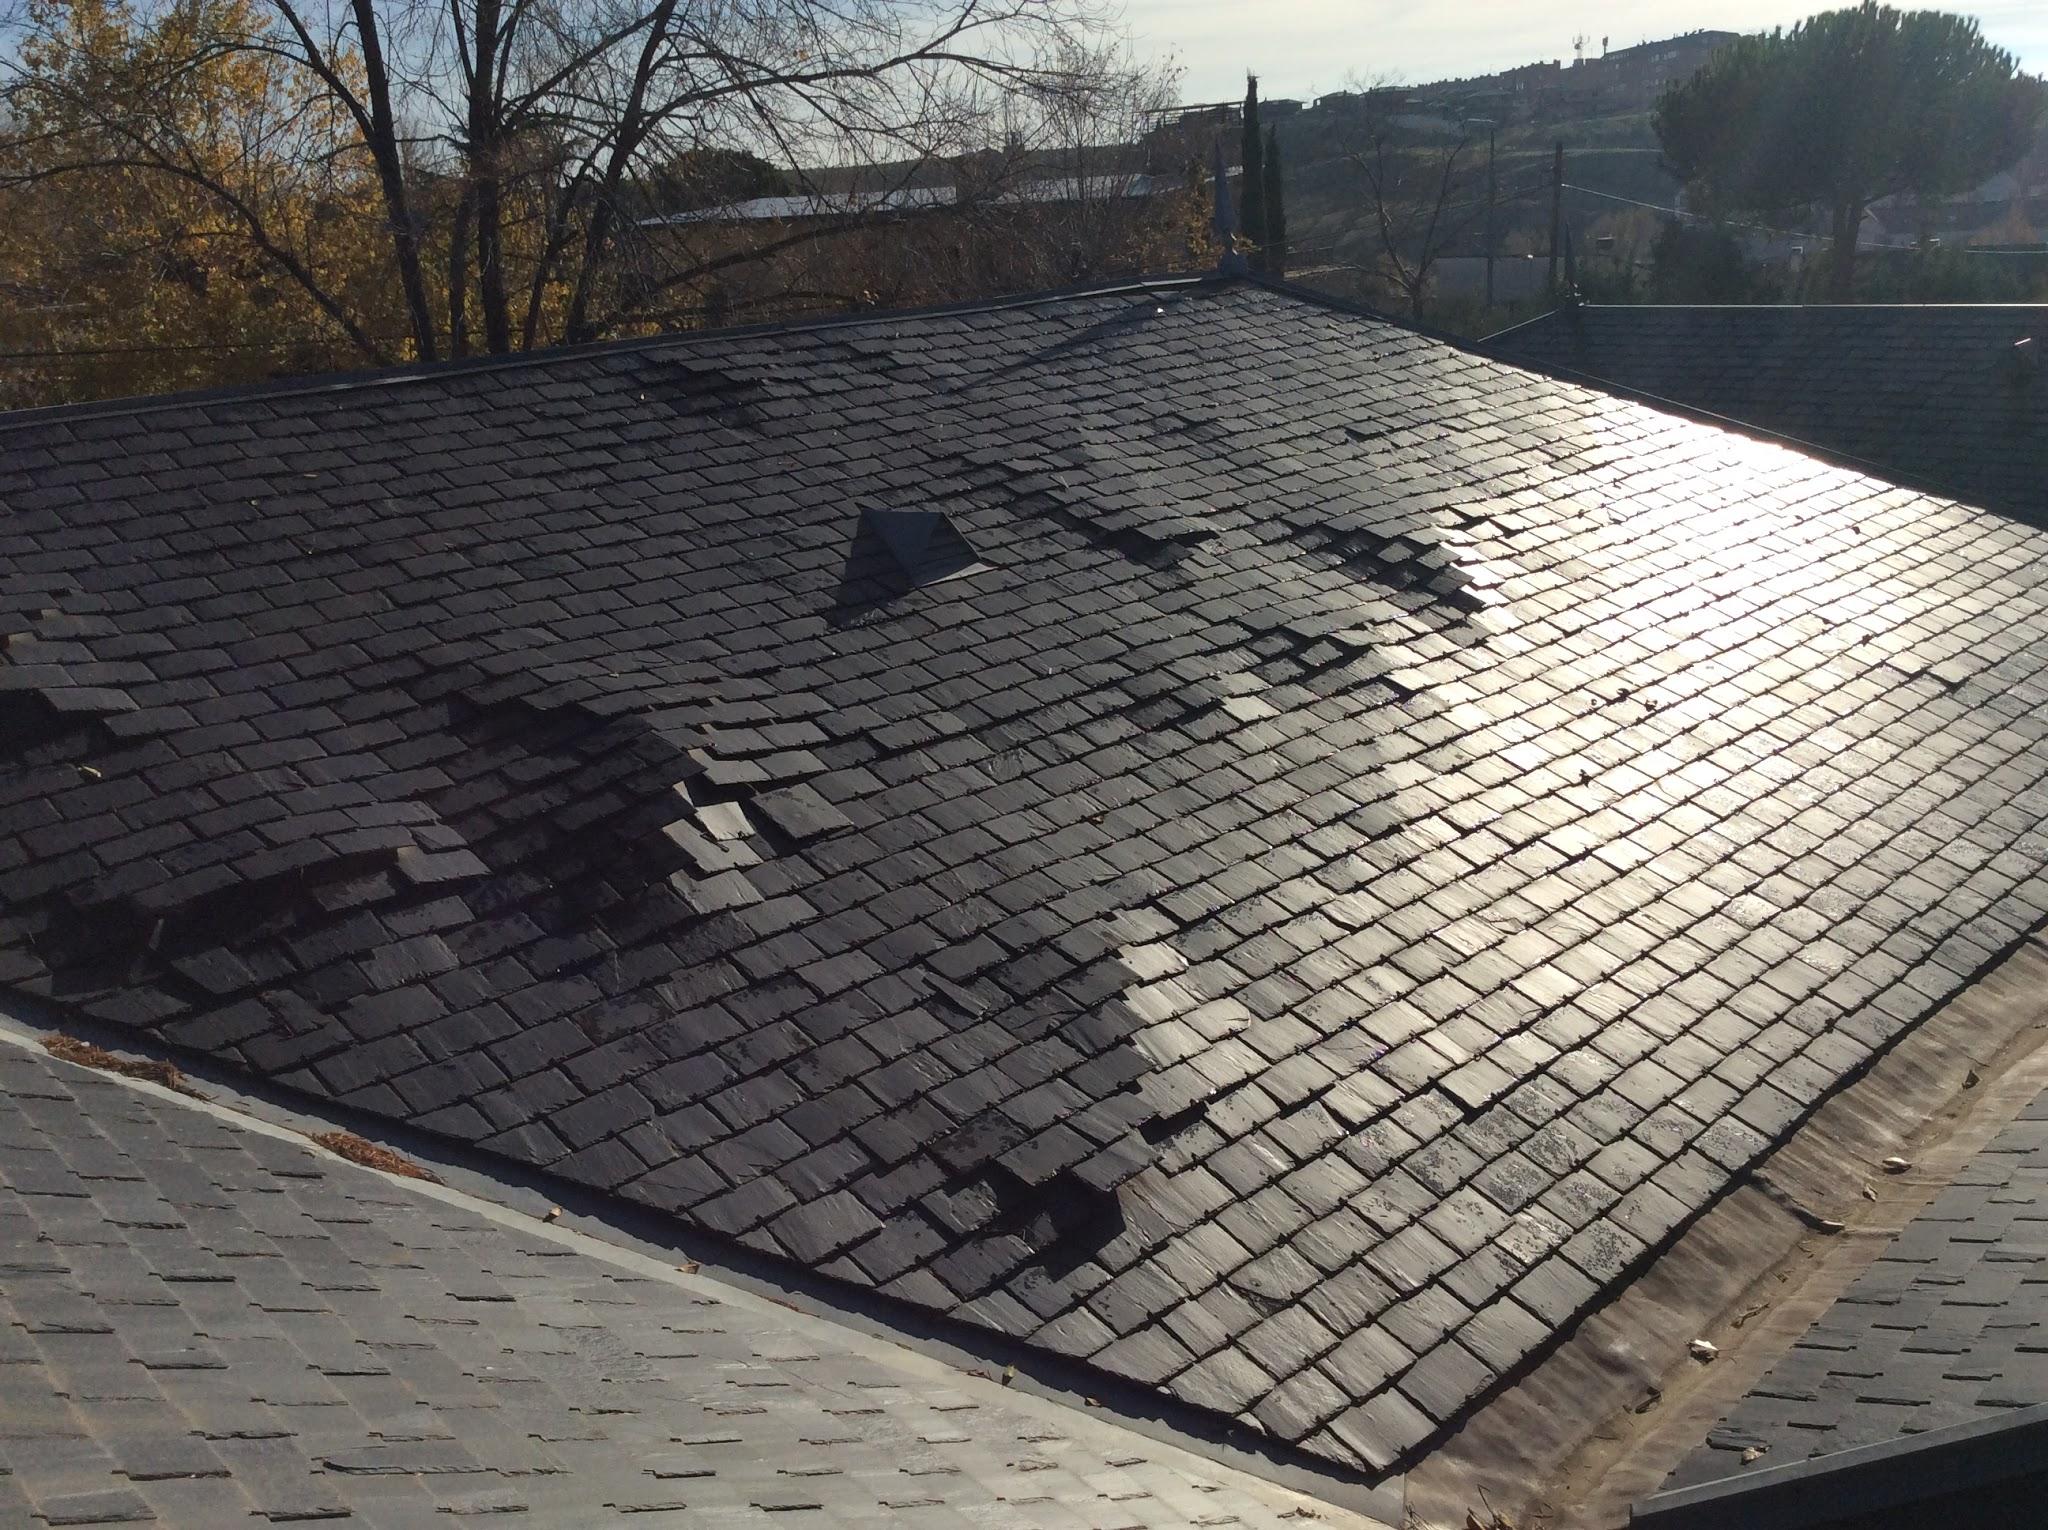 Reparaci n de tejados de pizarra madrid arreglo de for Tejados de madera con tela asfaltica